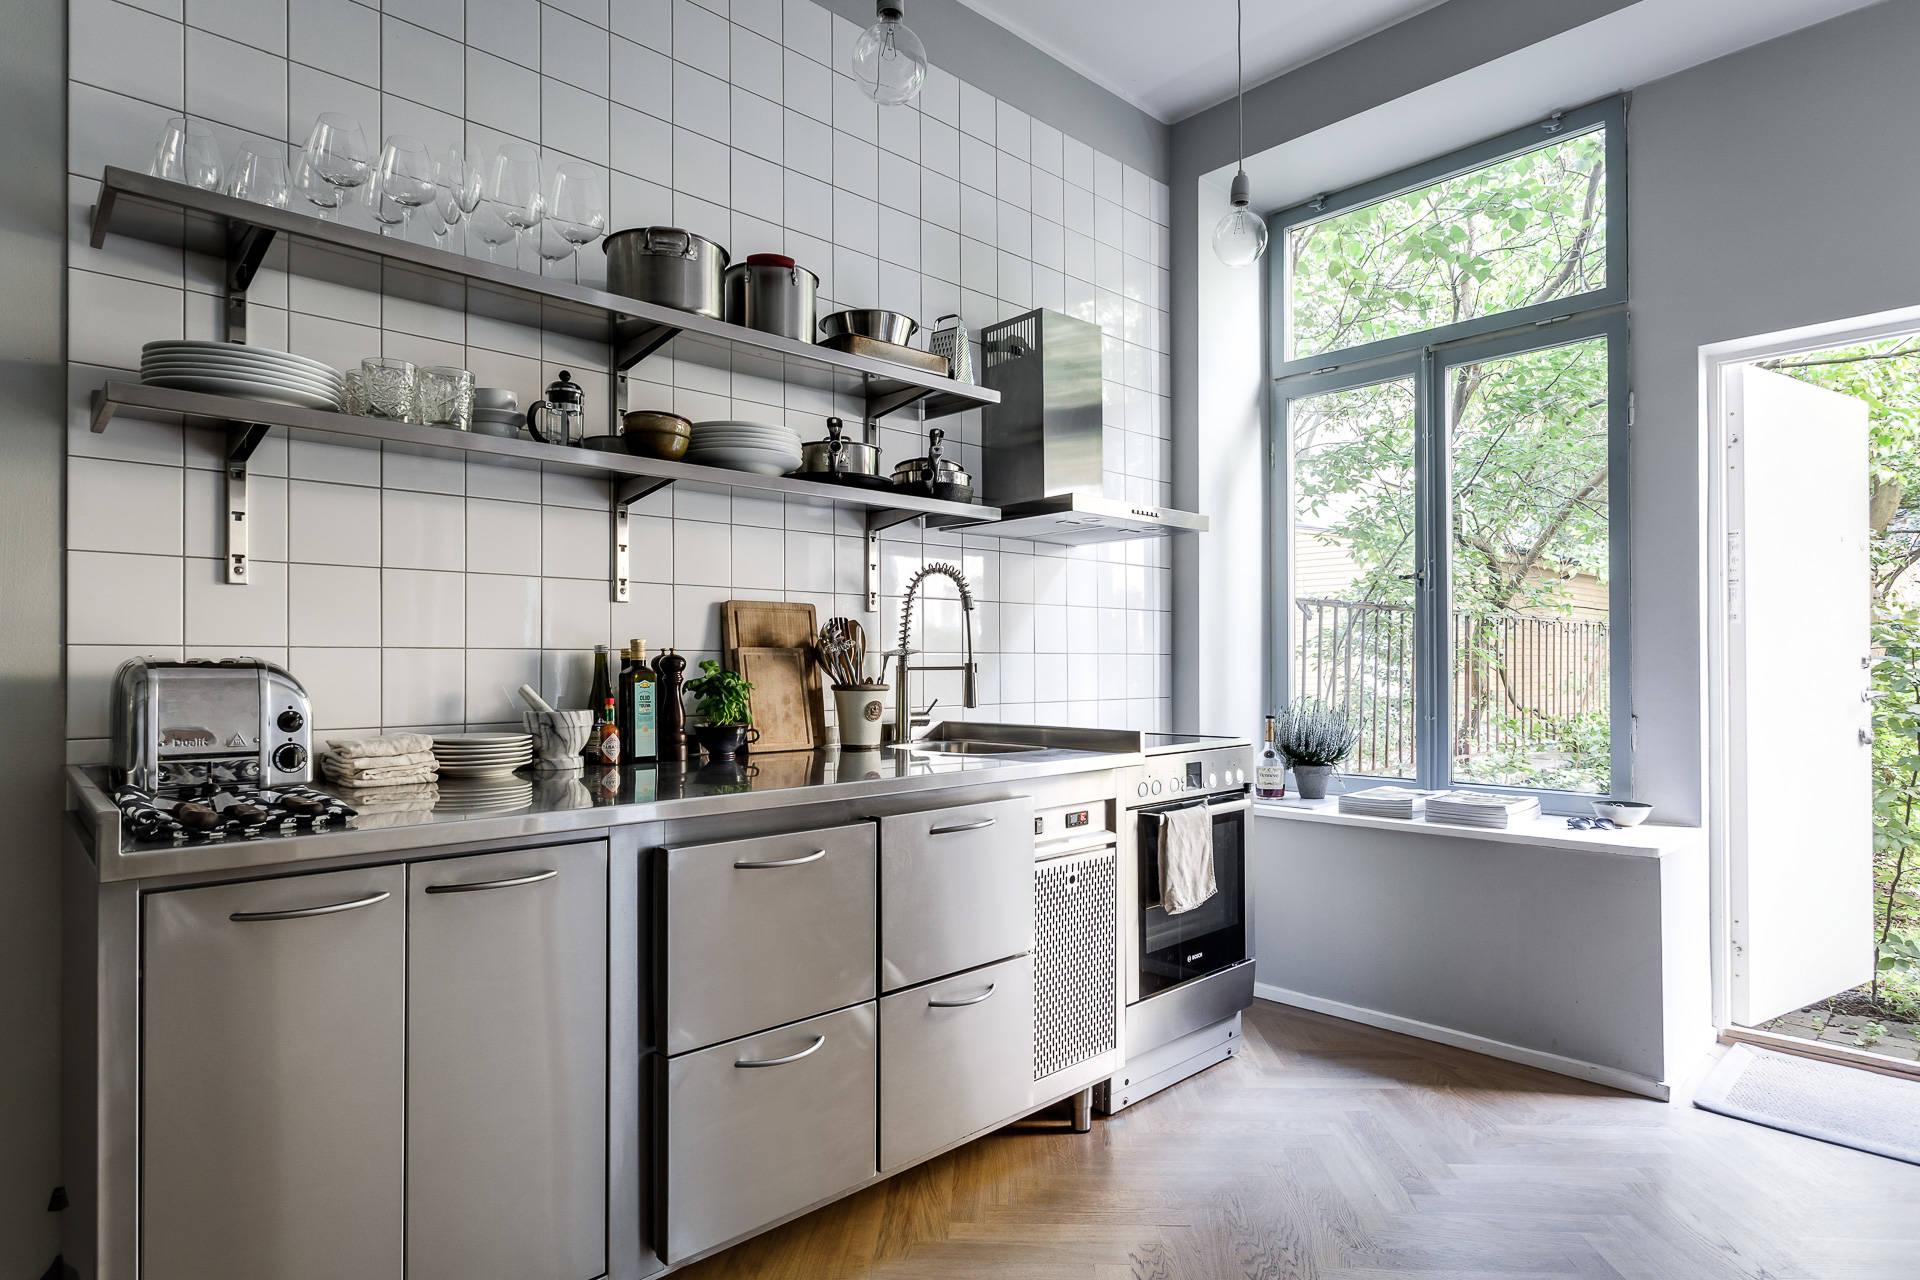 Peque a cocina inspirada en una profesional blog tienda for Cocinas industriales modernas